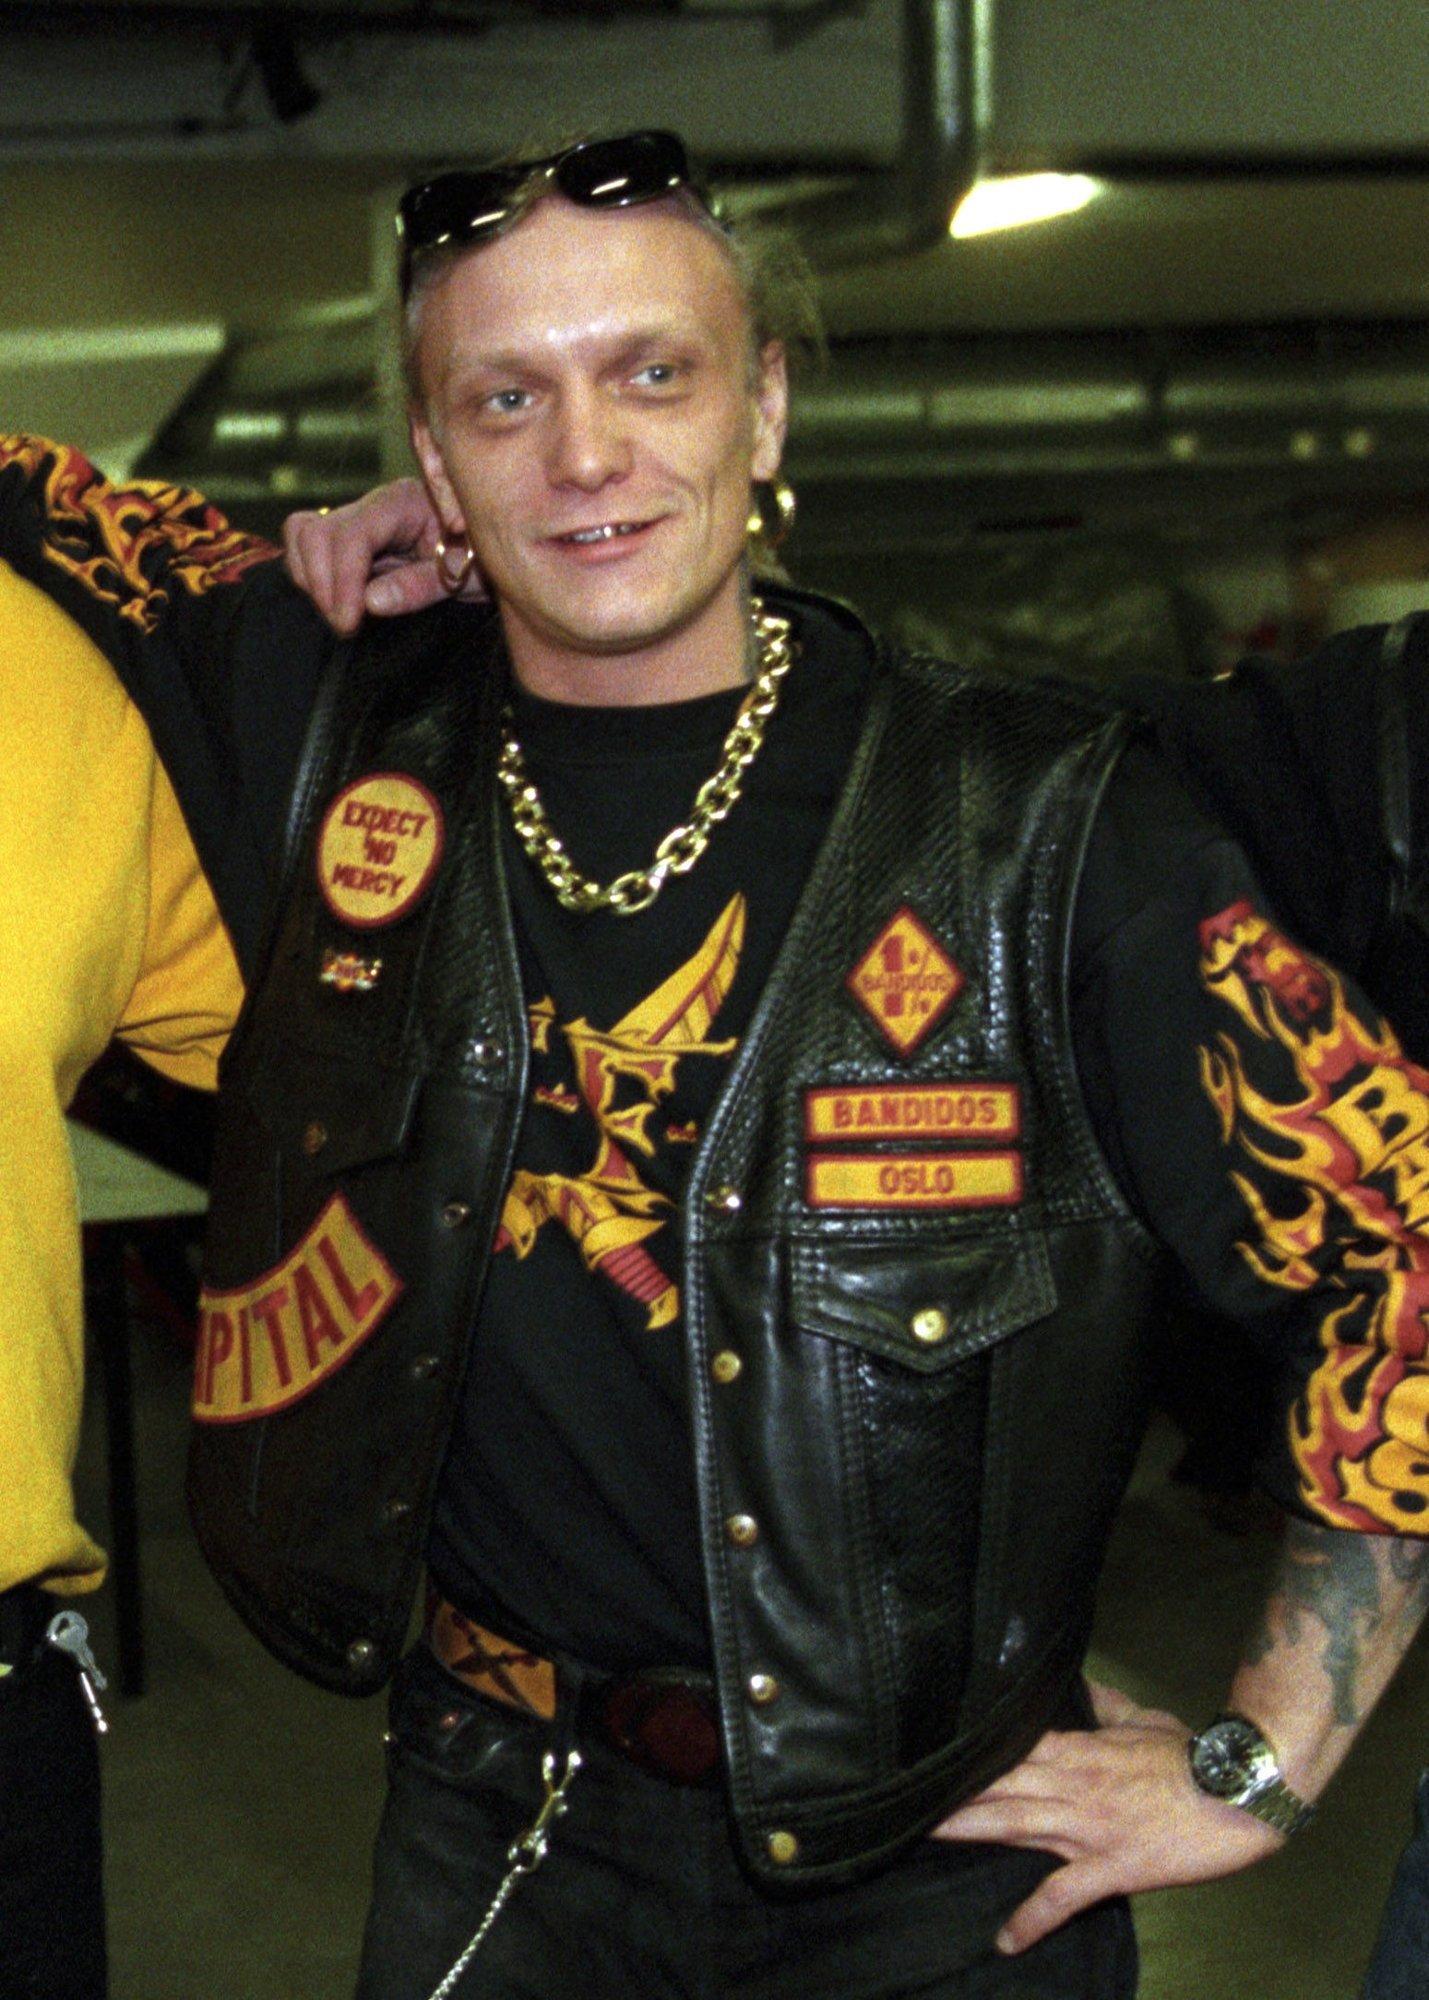 Ifølge politiet blir tidligere Bandidos-topp Lars Harnes siktet for å ha inngått drapsforbund. I juli omtalte Nettavisen at han ble pågrepet og varetektsfengslet.